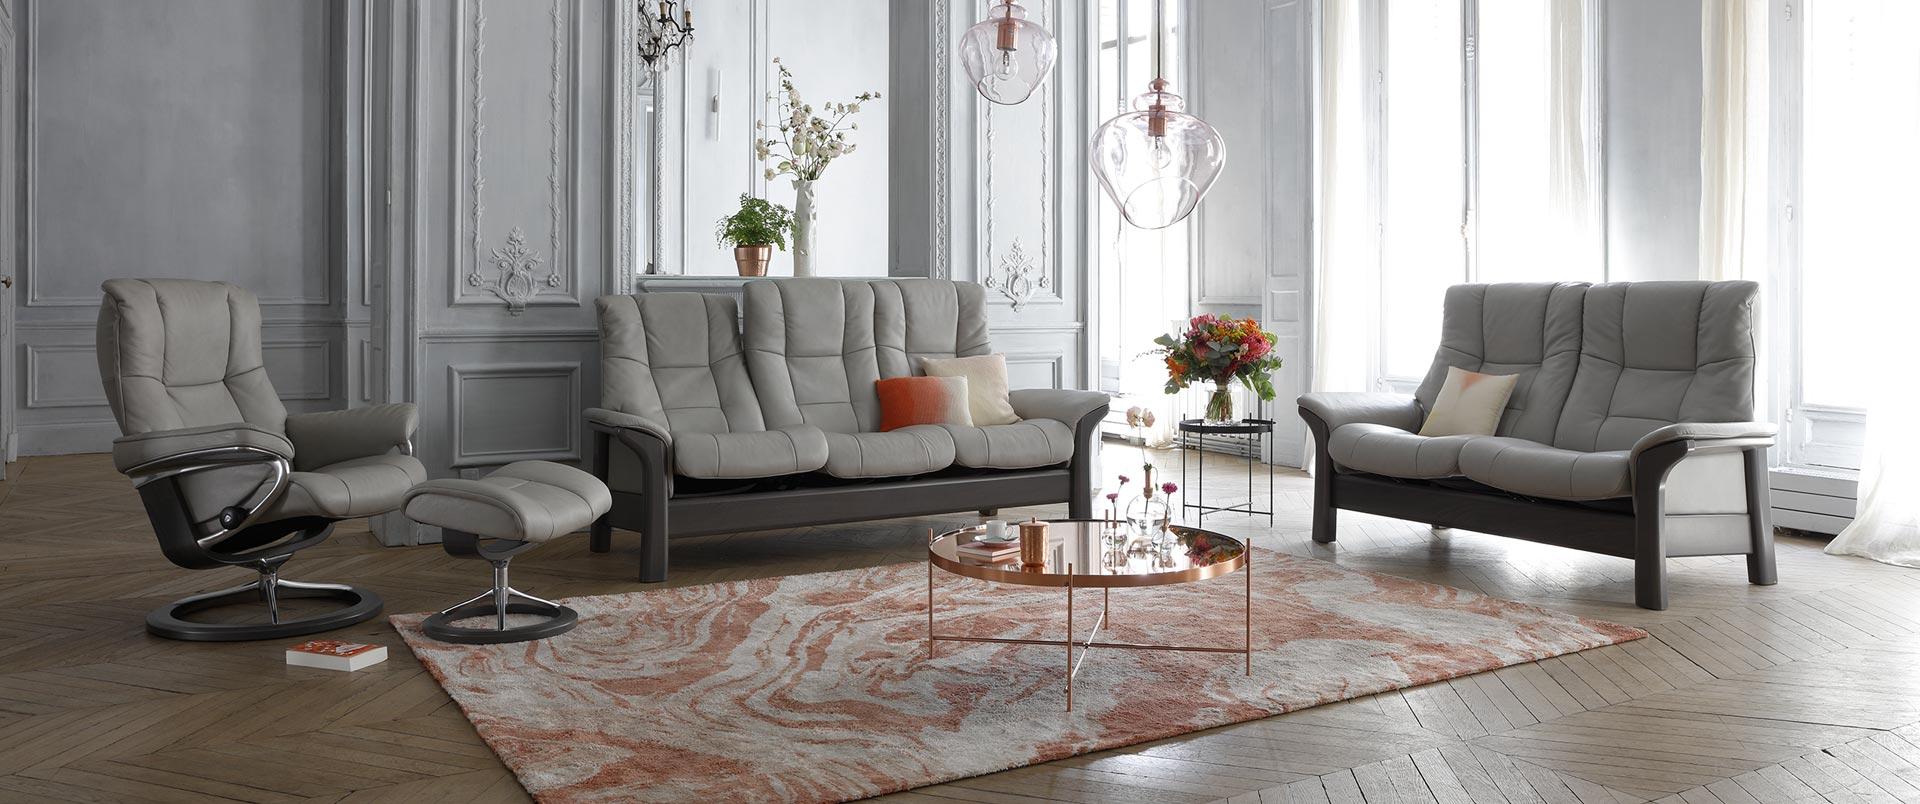 magasin de meuble avignon le pontet excellent affordable download ikea duintrieur de maison de. Black Bedroom Furniture Sets. Home Design Ideas